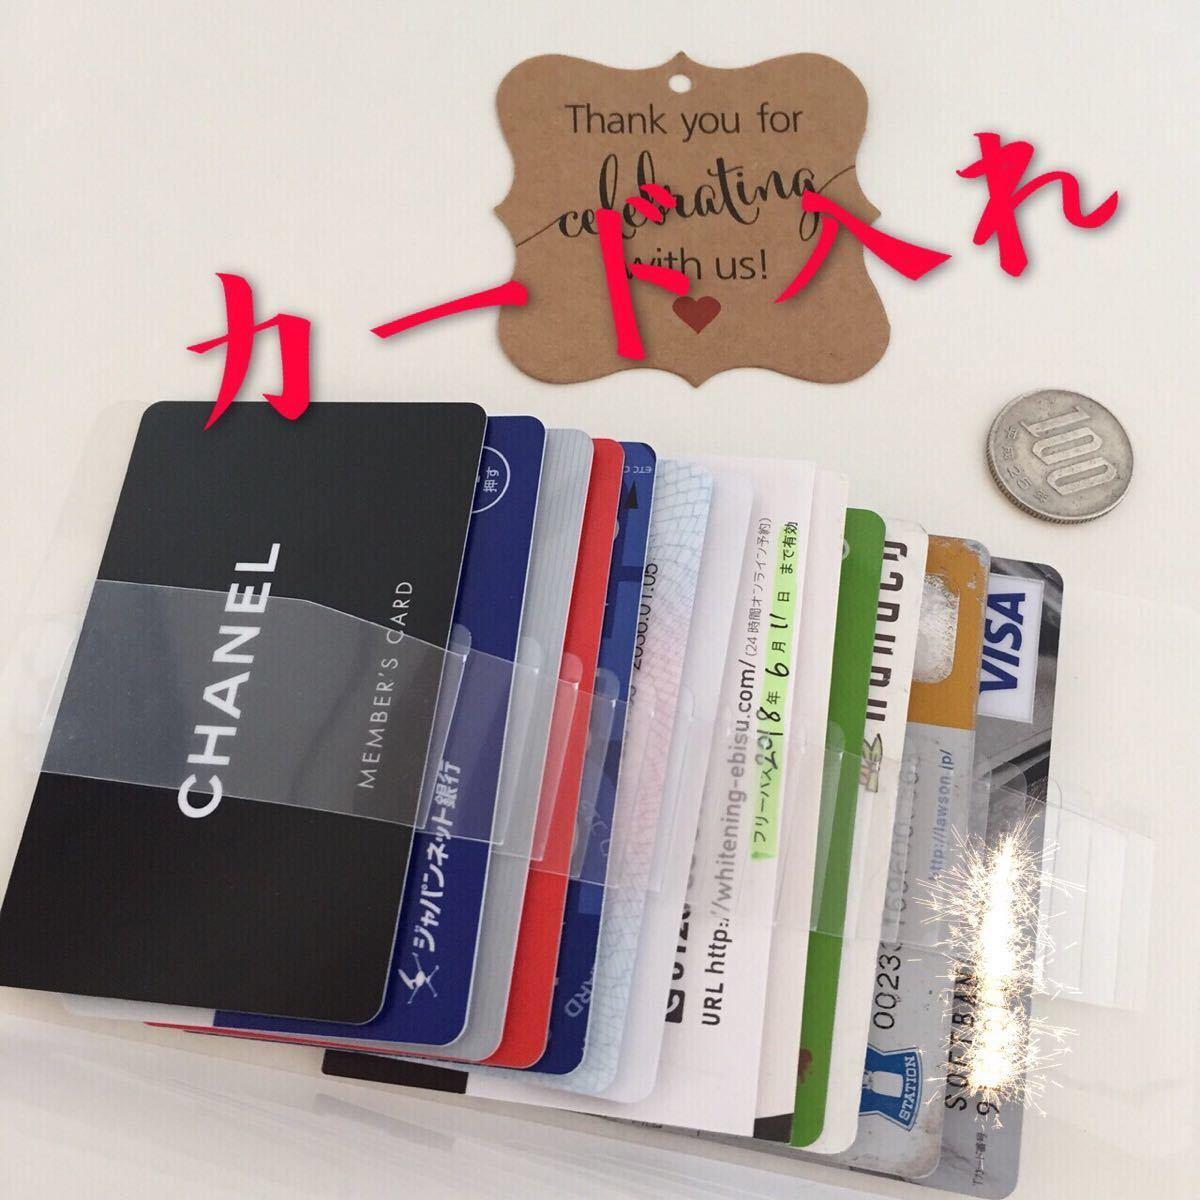 新登場 カード入れ カードケース 名刺入れ 名刺ケース 大容量 20枚入れ 長財布に入れます 超人気 男女兼用 便利だ_画像4